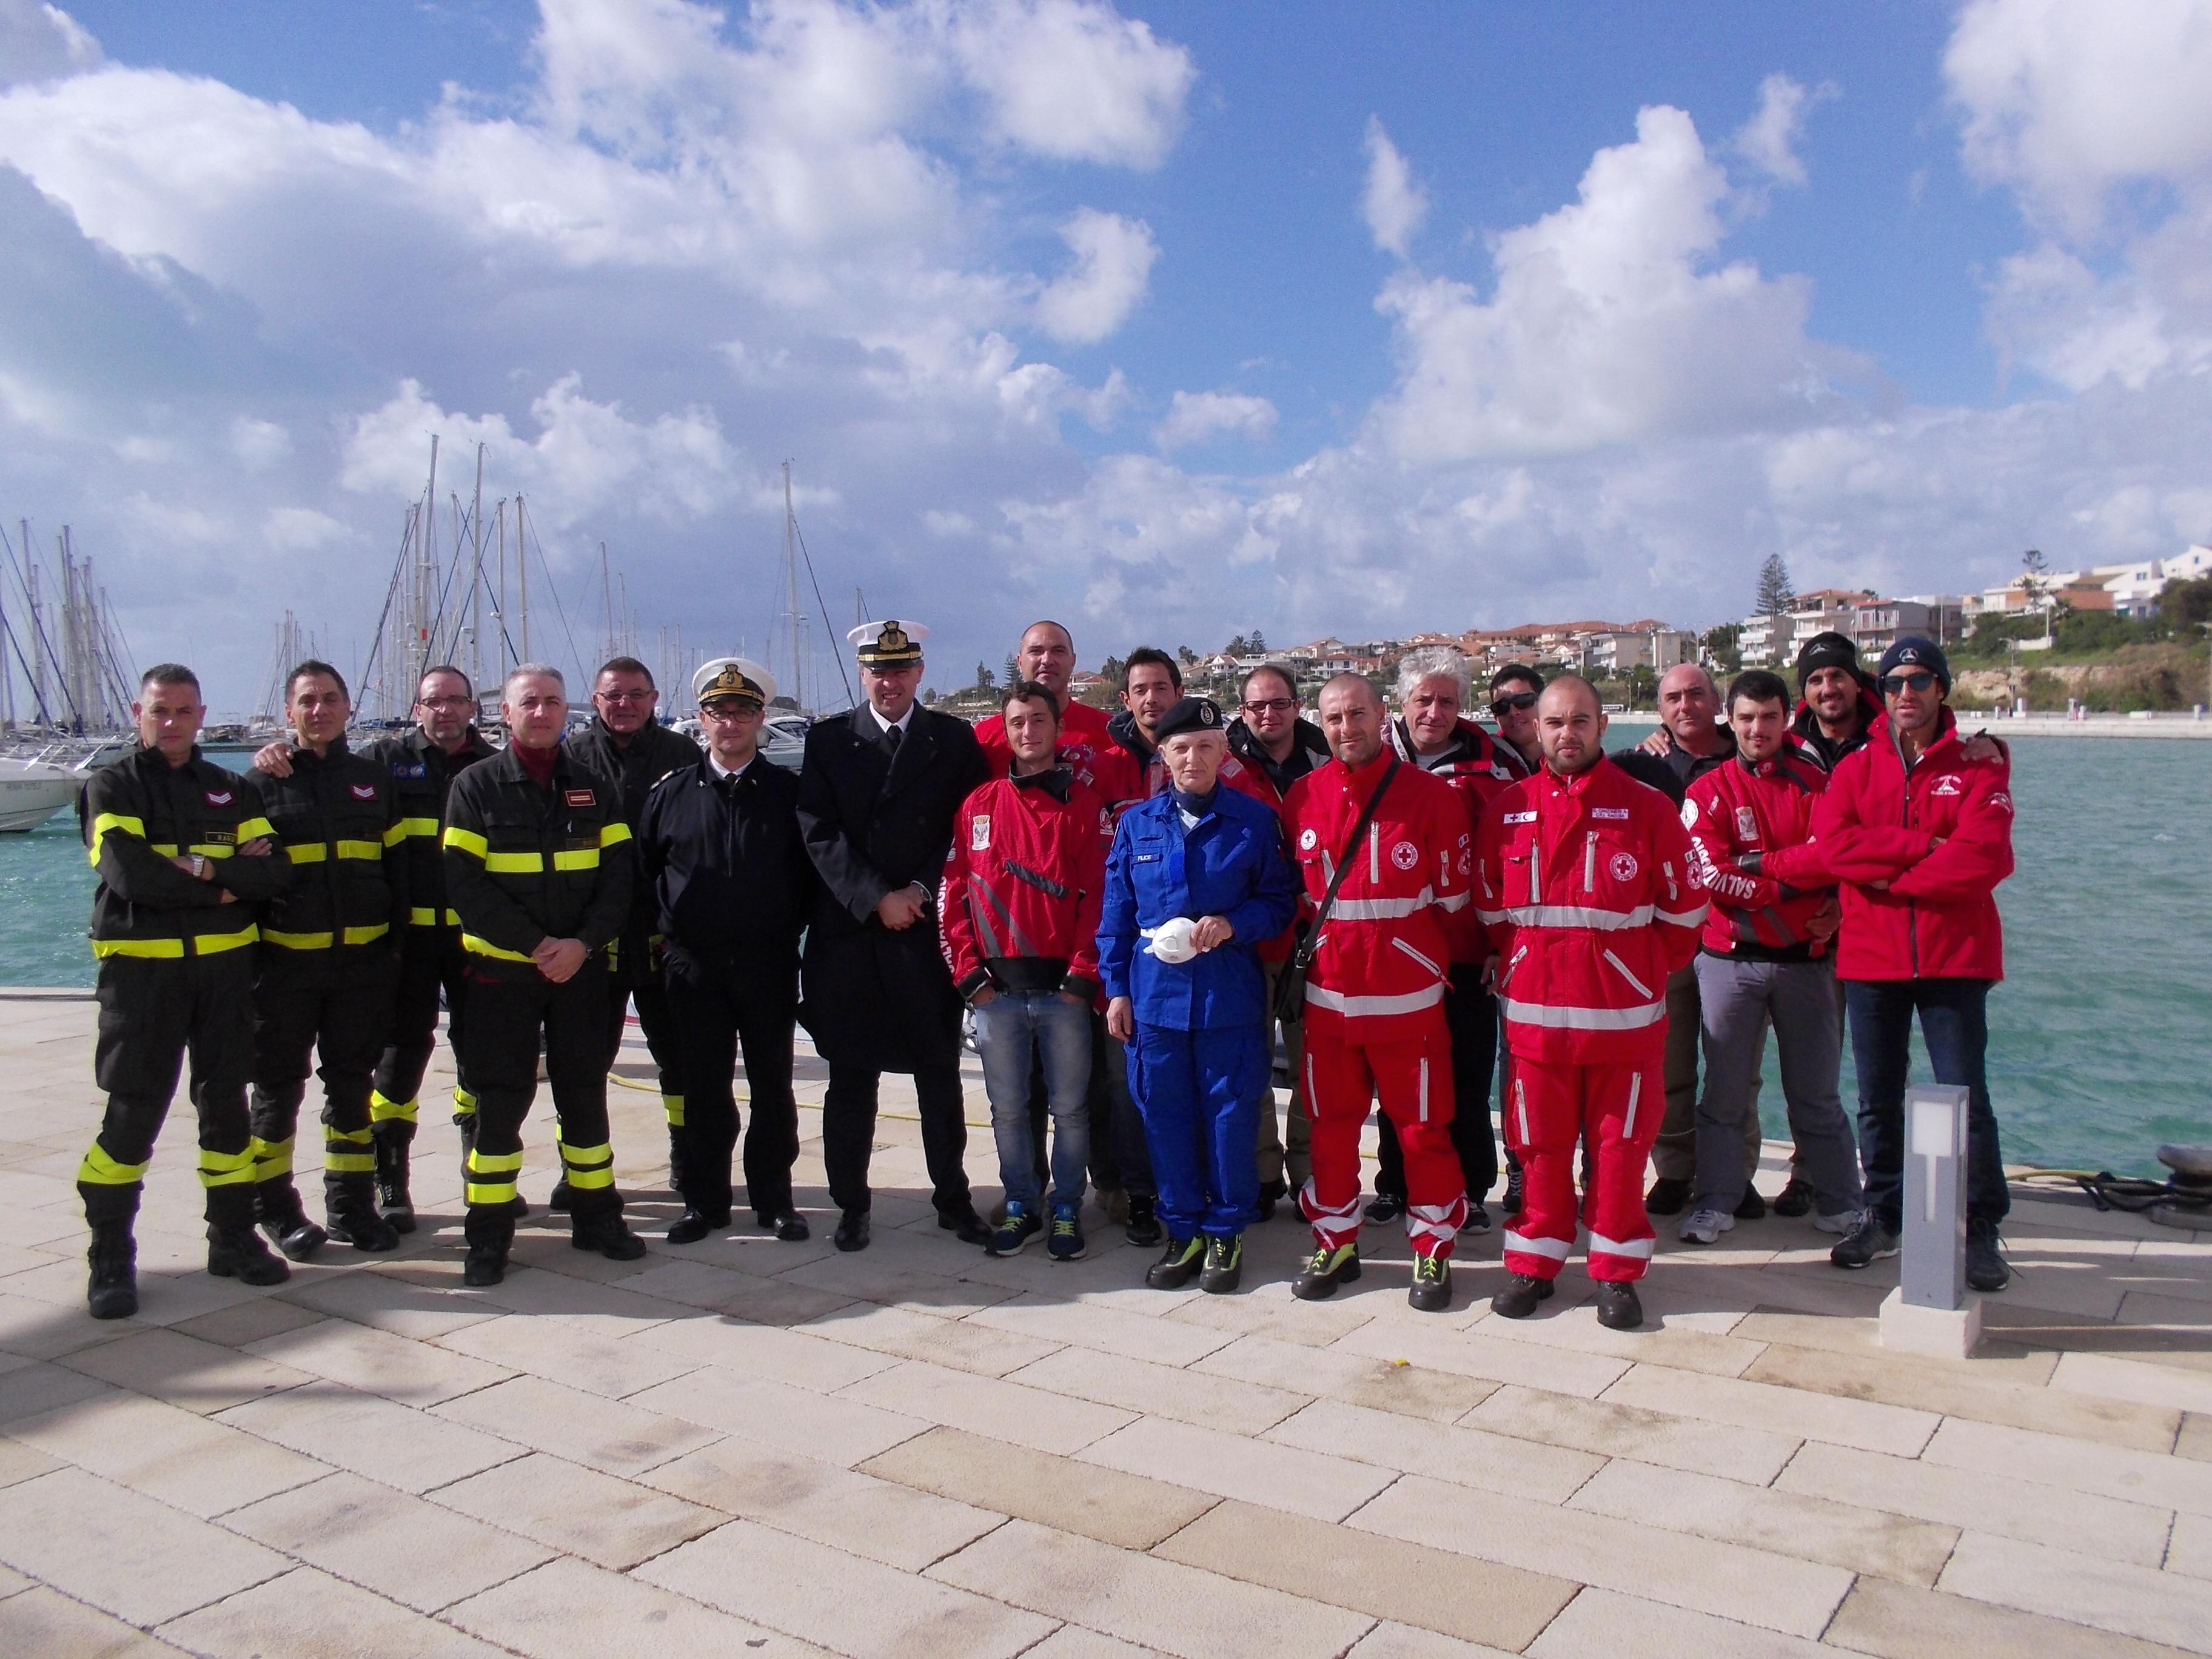 Porto turistico di Marina di Ragusa: la Capitaneria simula un vasto incendio per testare uomini e mezzi.